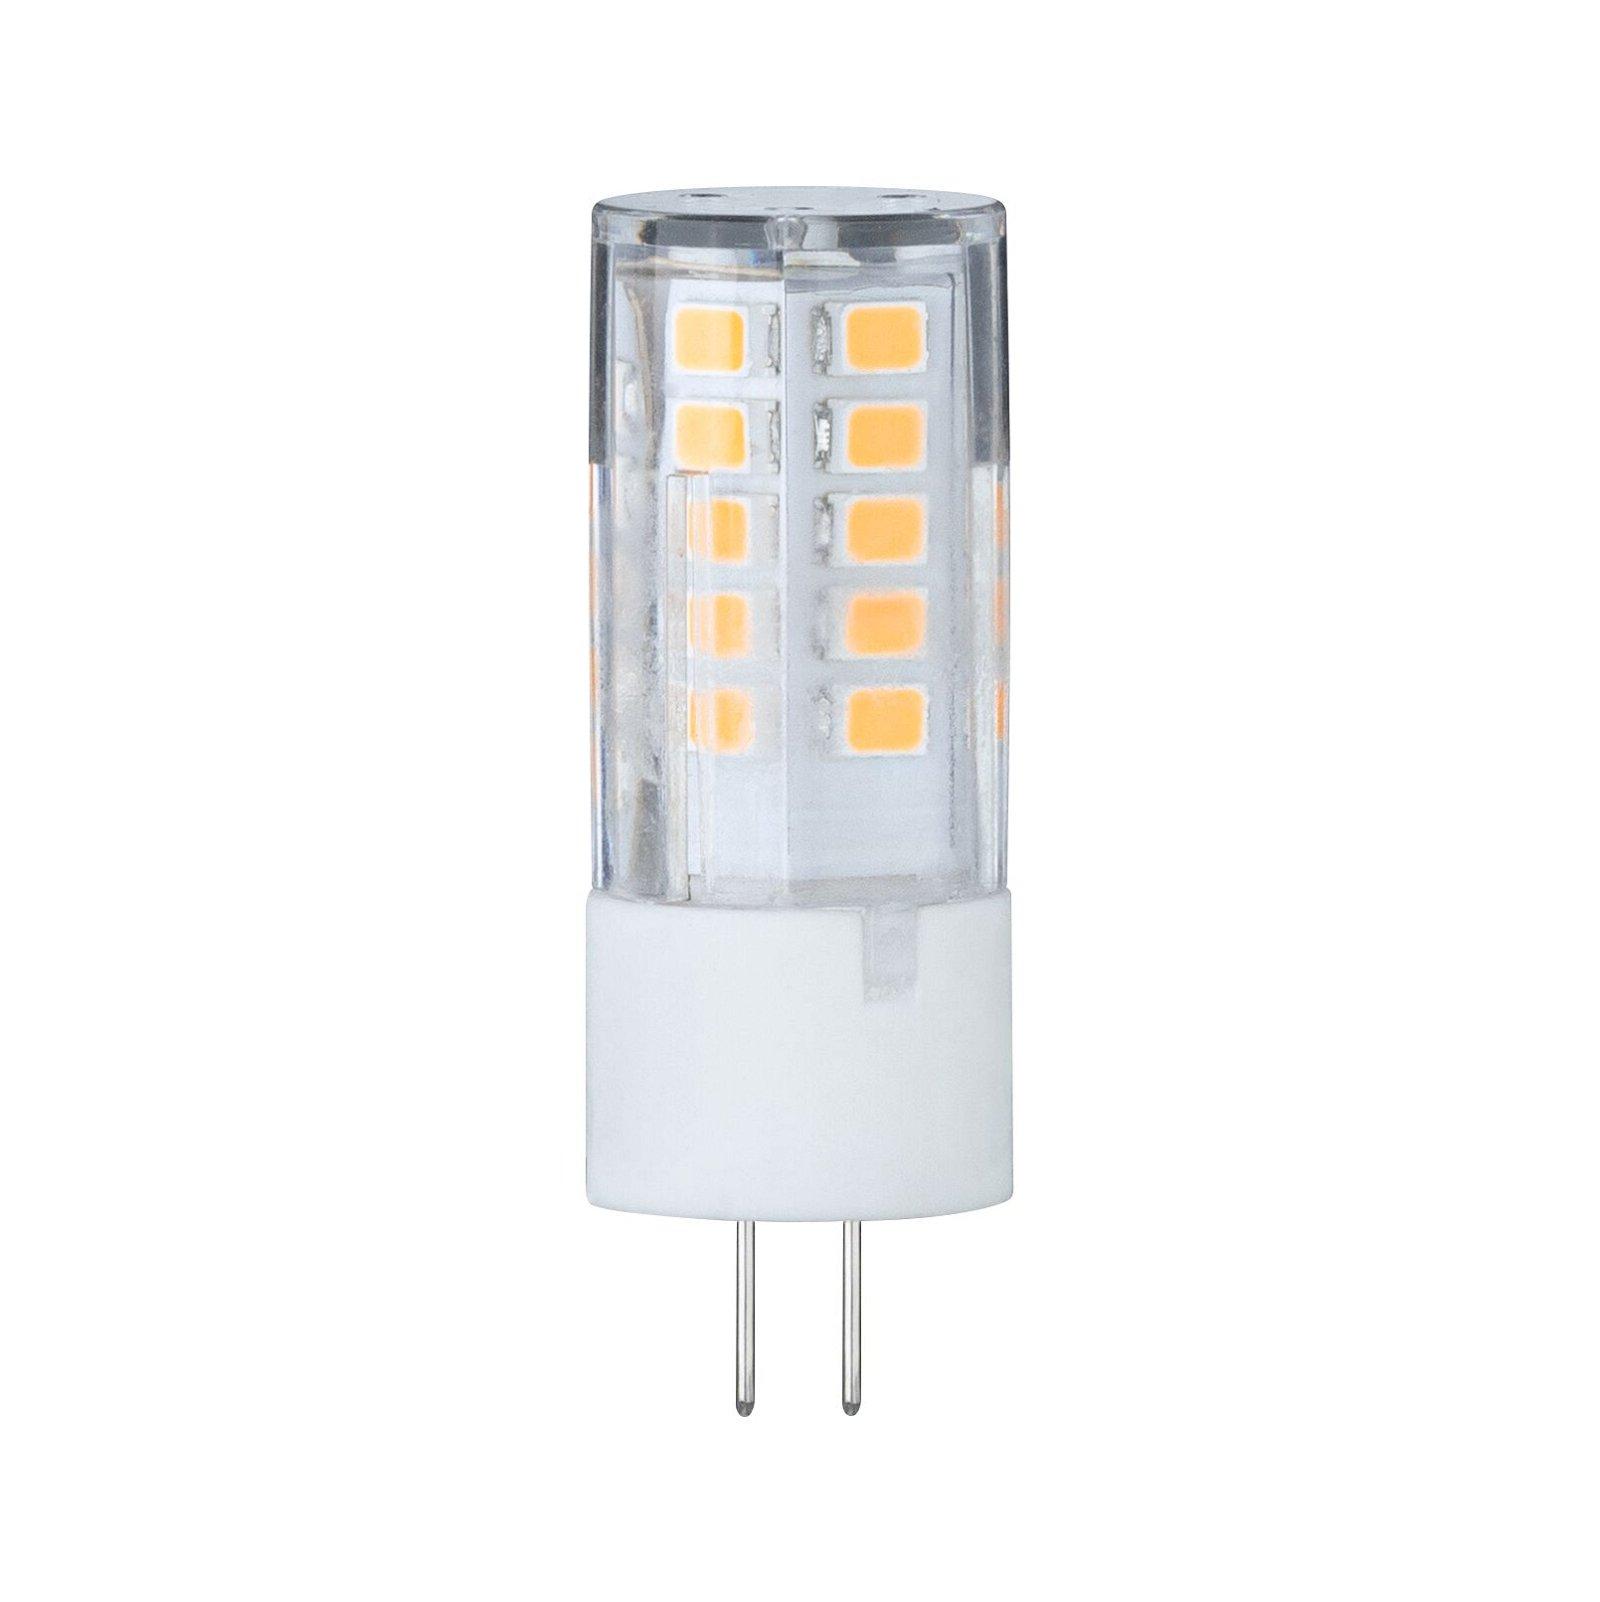 LED Stiftsockel G4 12V 300lm 3W 2700K Klar